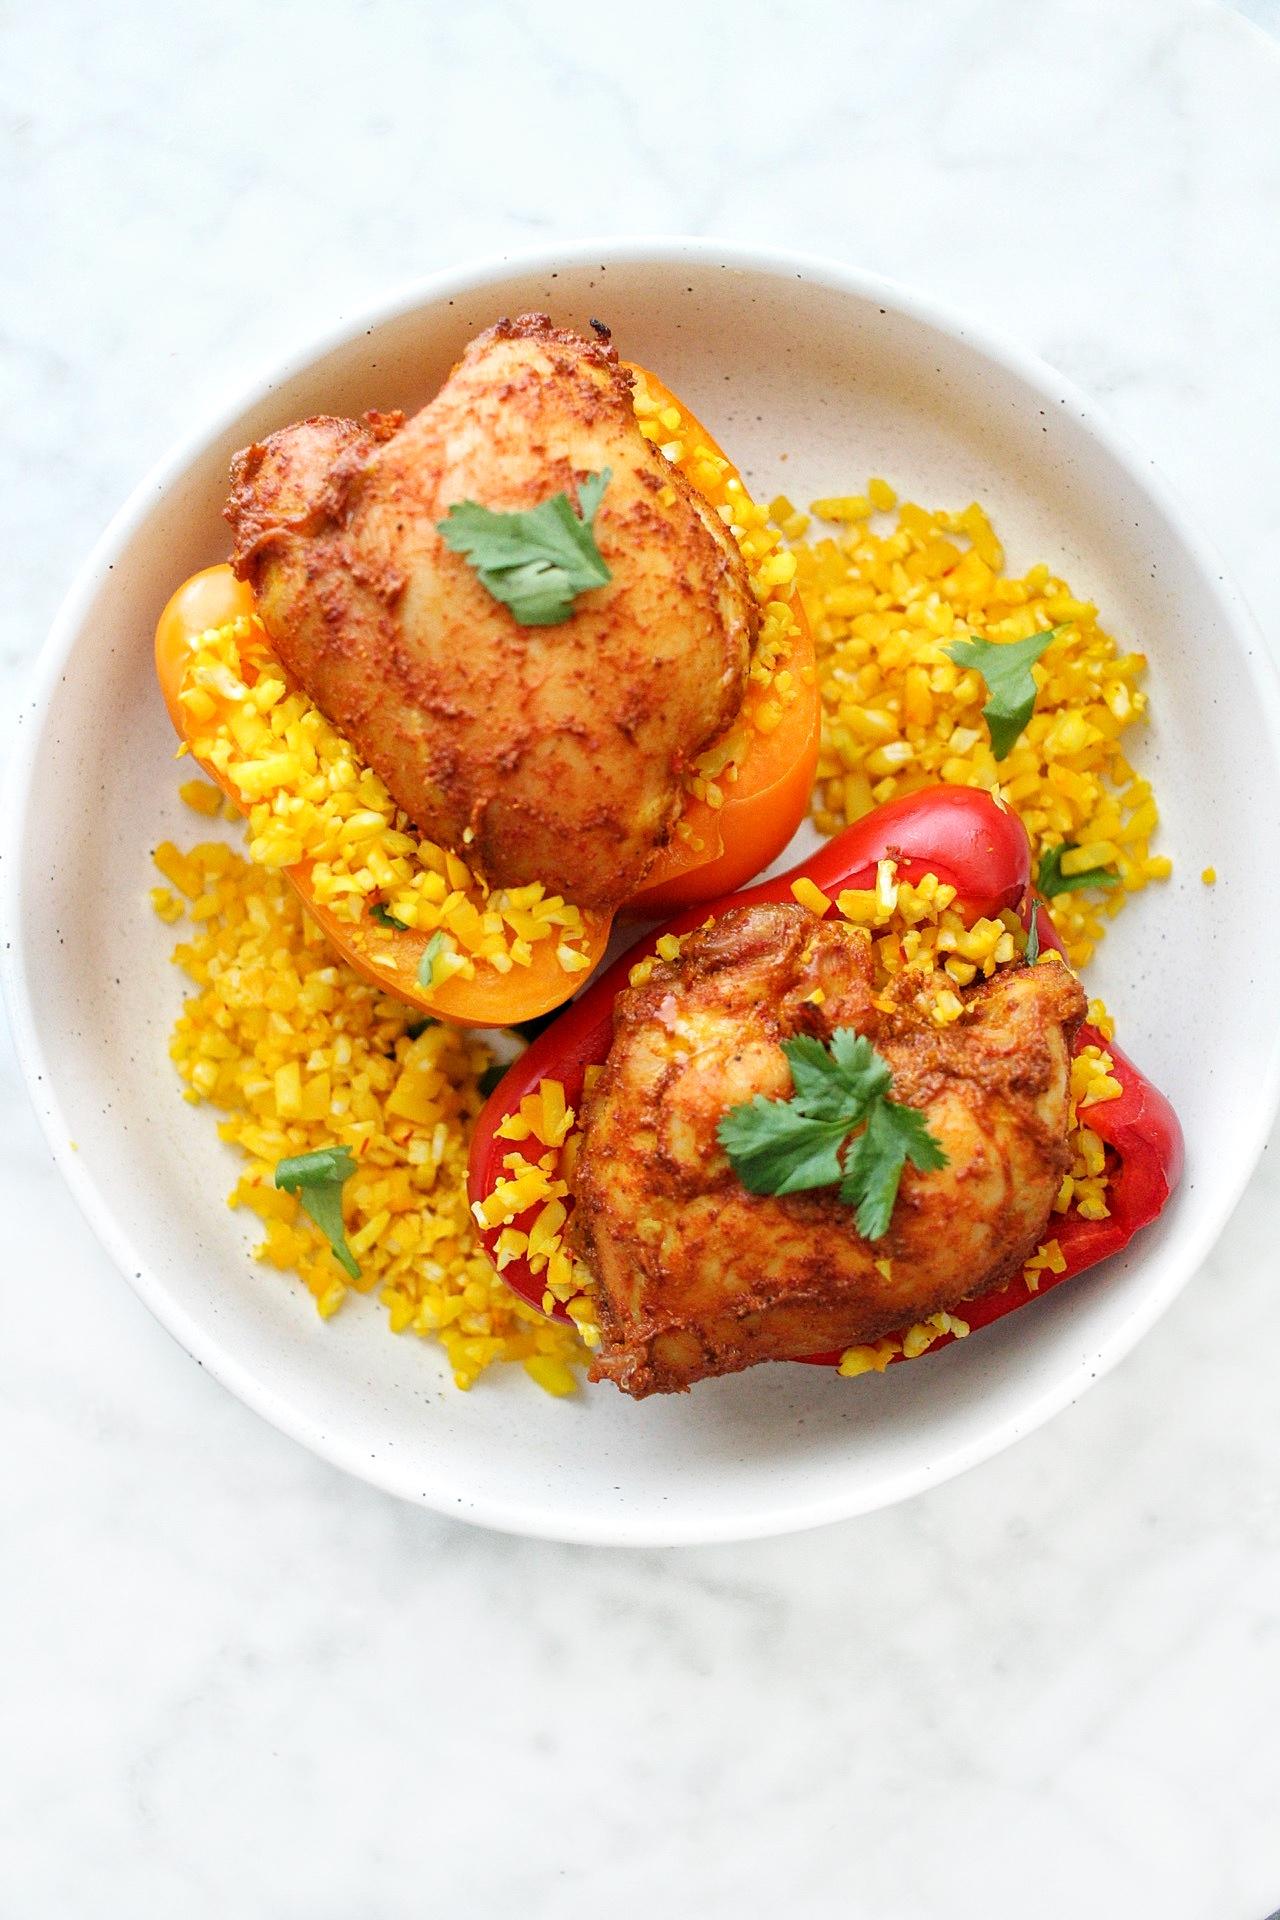 Tandoori Chicken stuffed peppers with saffron cauliflower rice